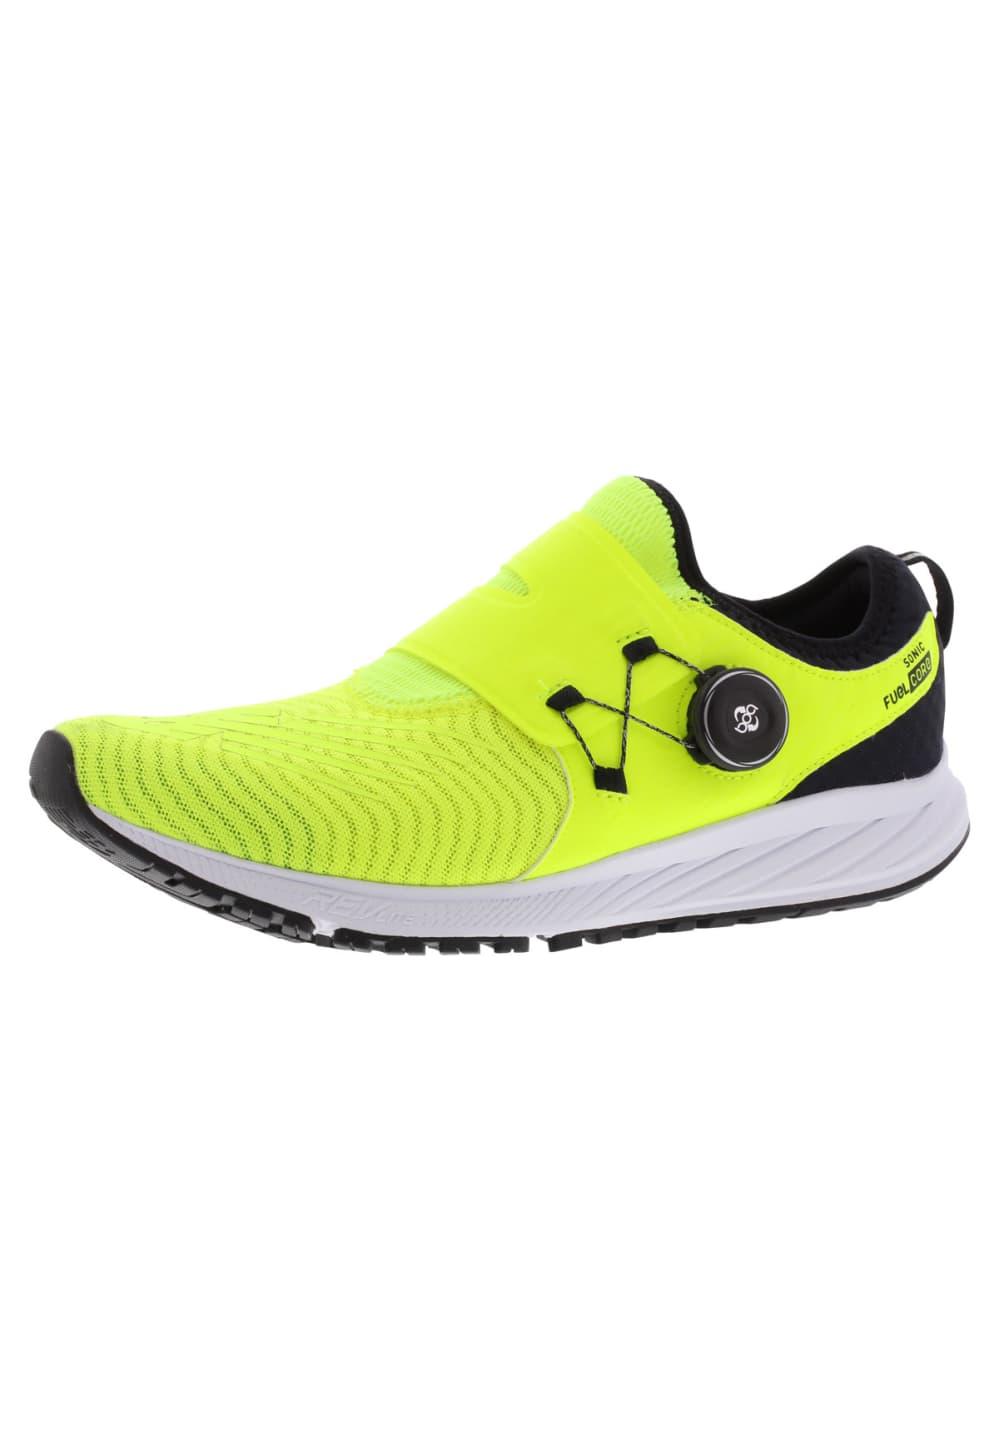 détaillant en ligne b89e4 621cf New Balance FuelCore Sonic - Chaussures running pour Homme - Jaune